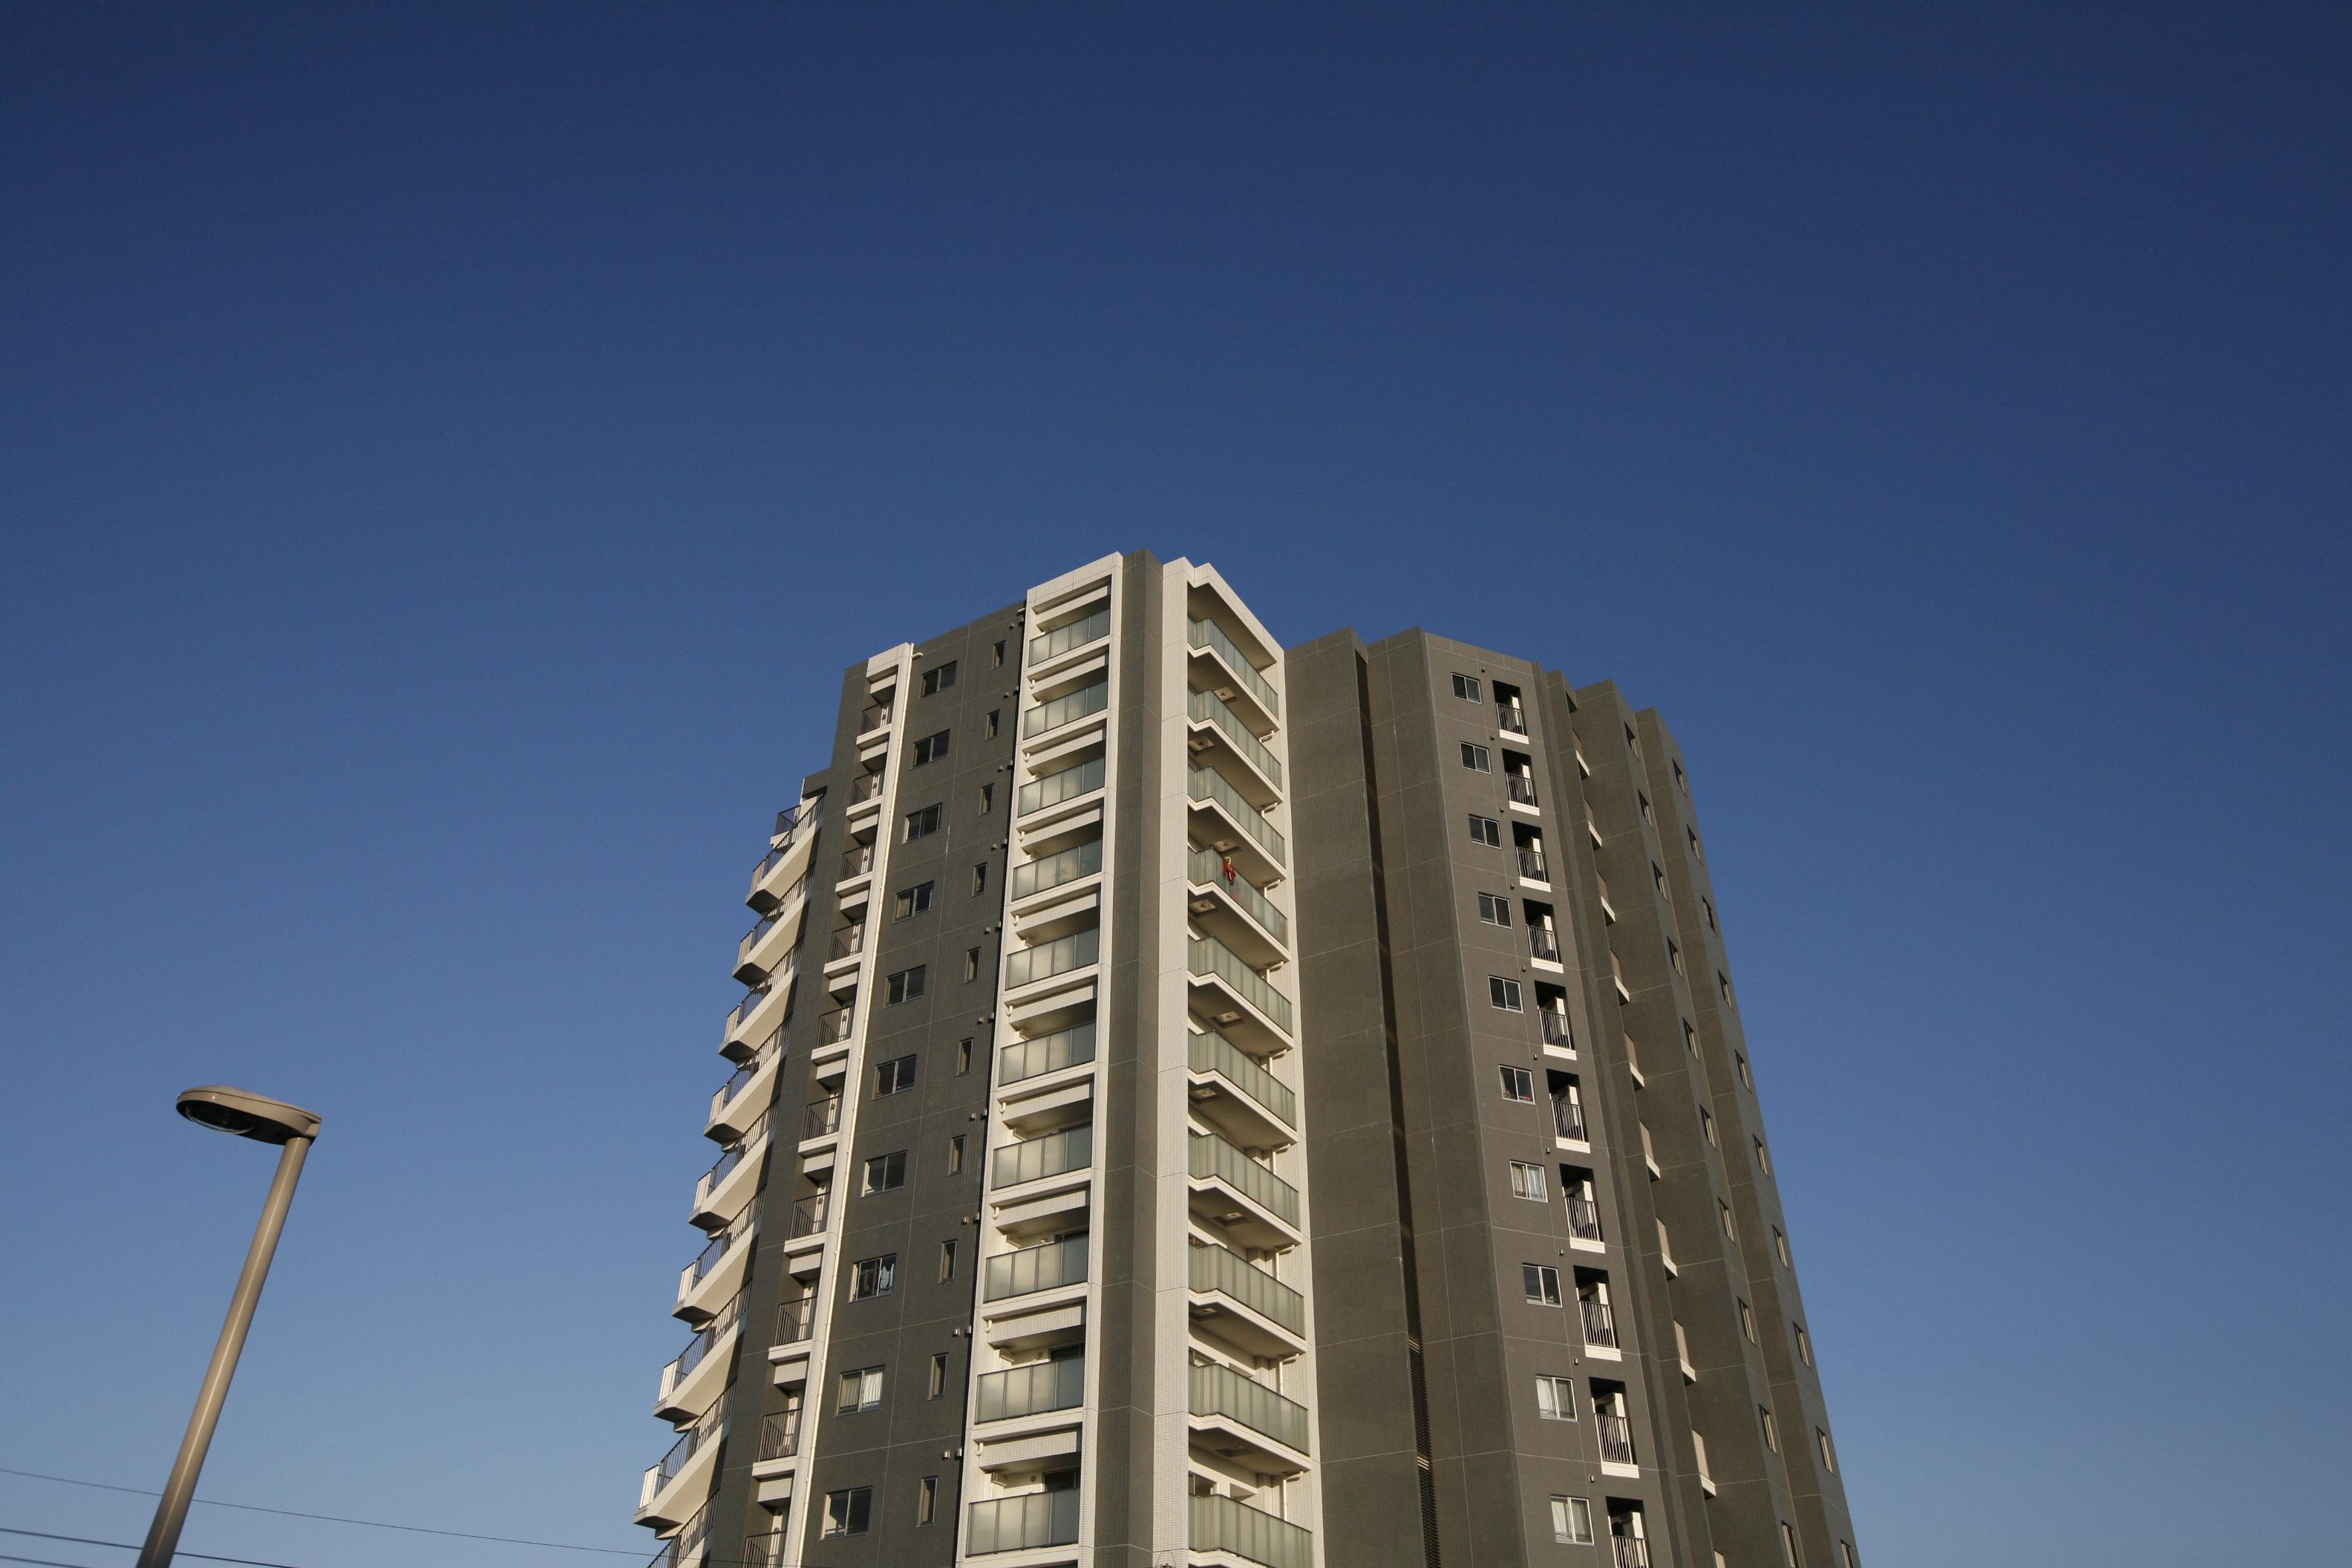 第一種低層住居専用地域を望む開放的な眺望。内廊下設計のタワーレジデンスマンション! イメージ